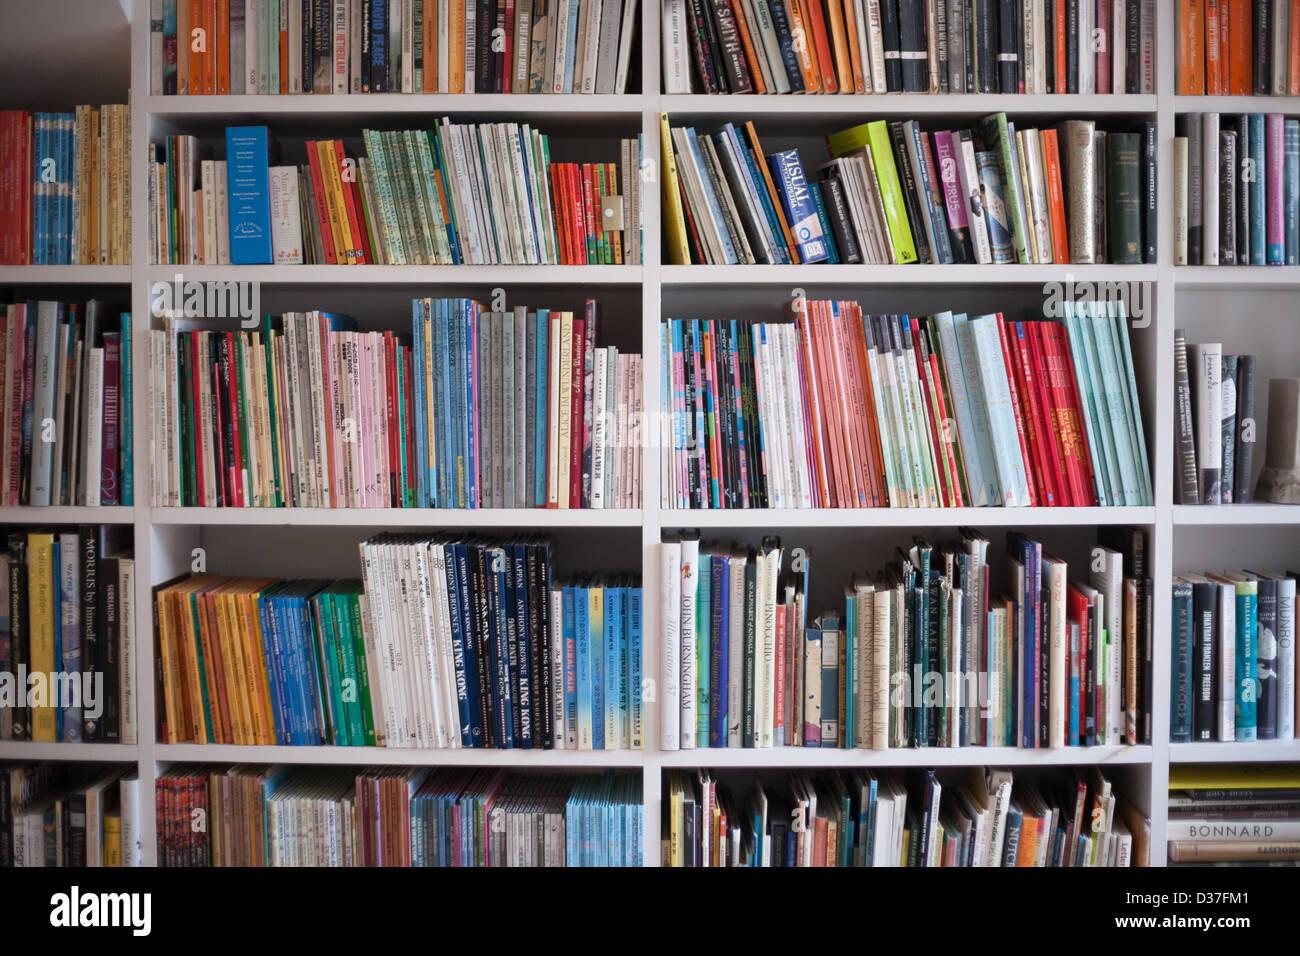 Book Shelf Full Of Books Landscape Format Stock Photo 53641057